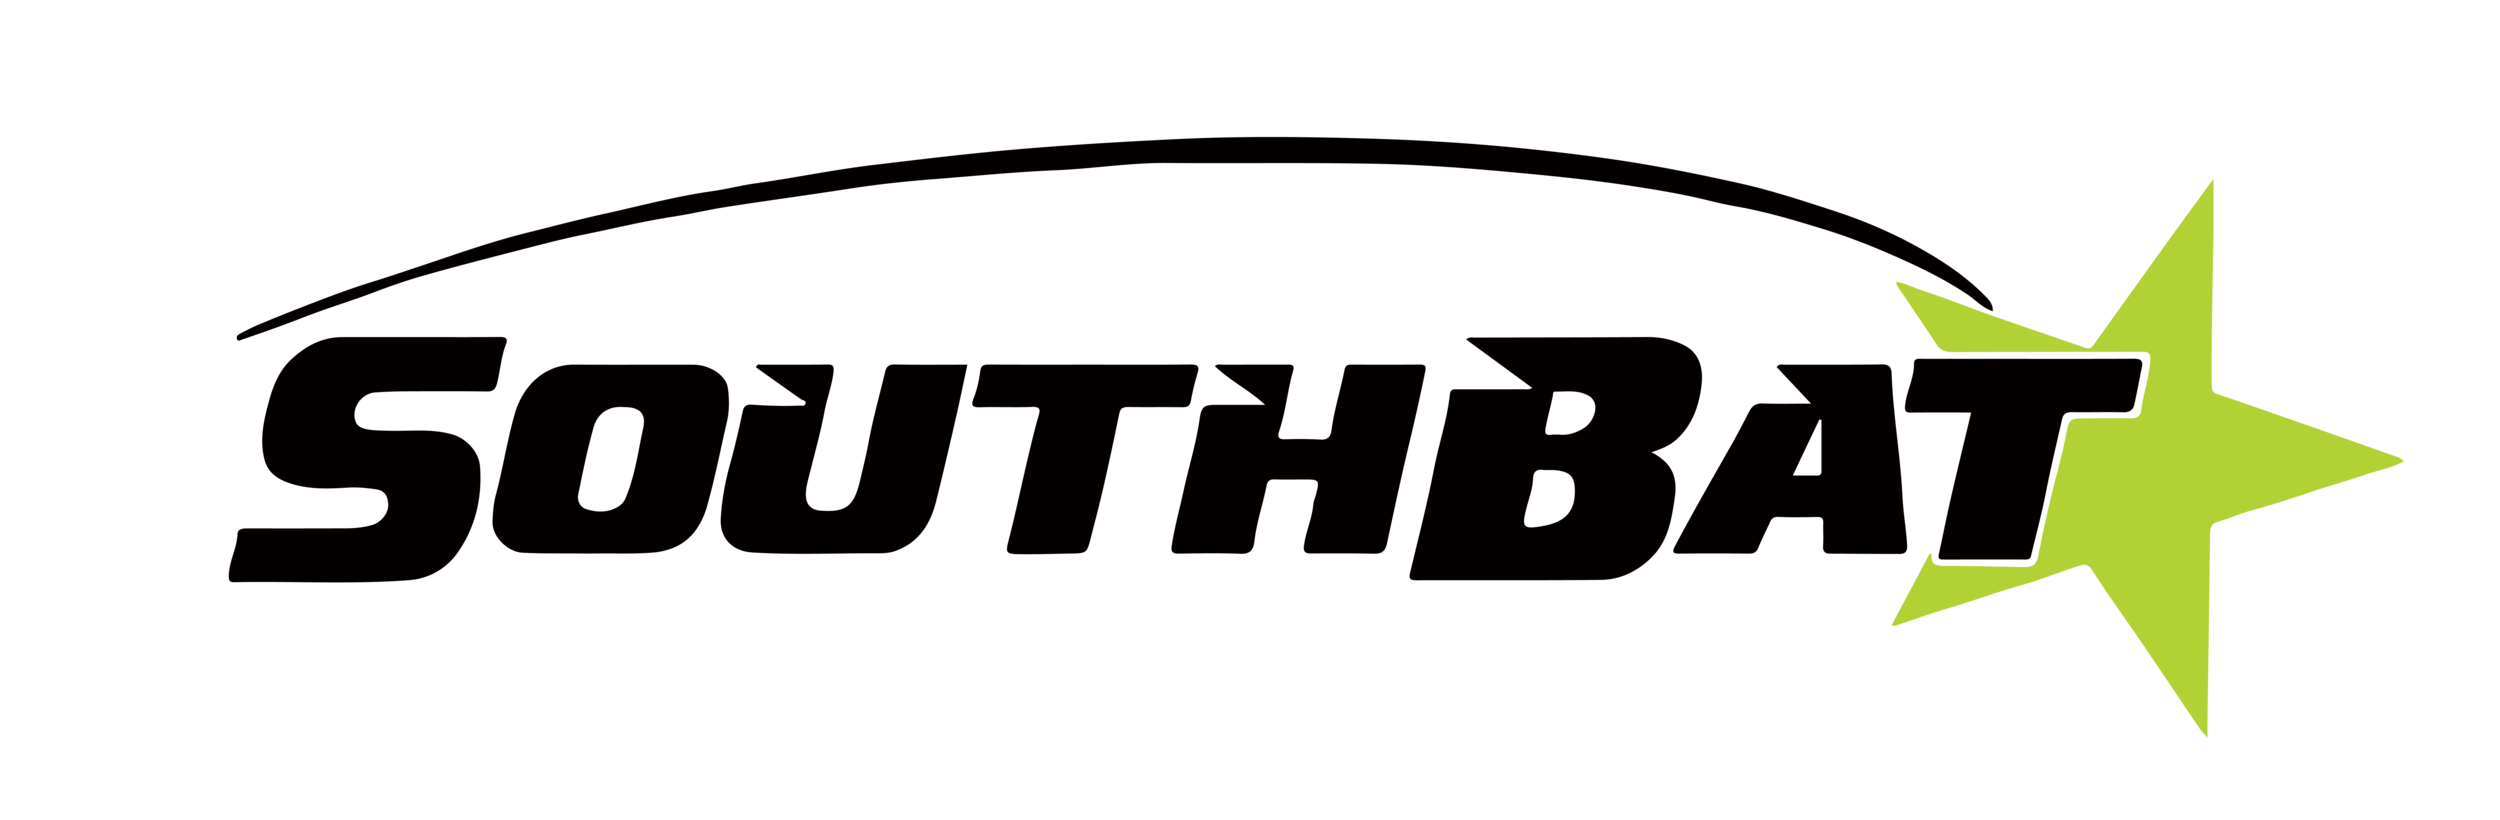 logoSouthbat-01.png